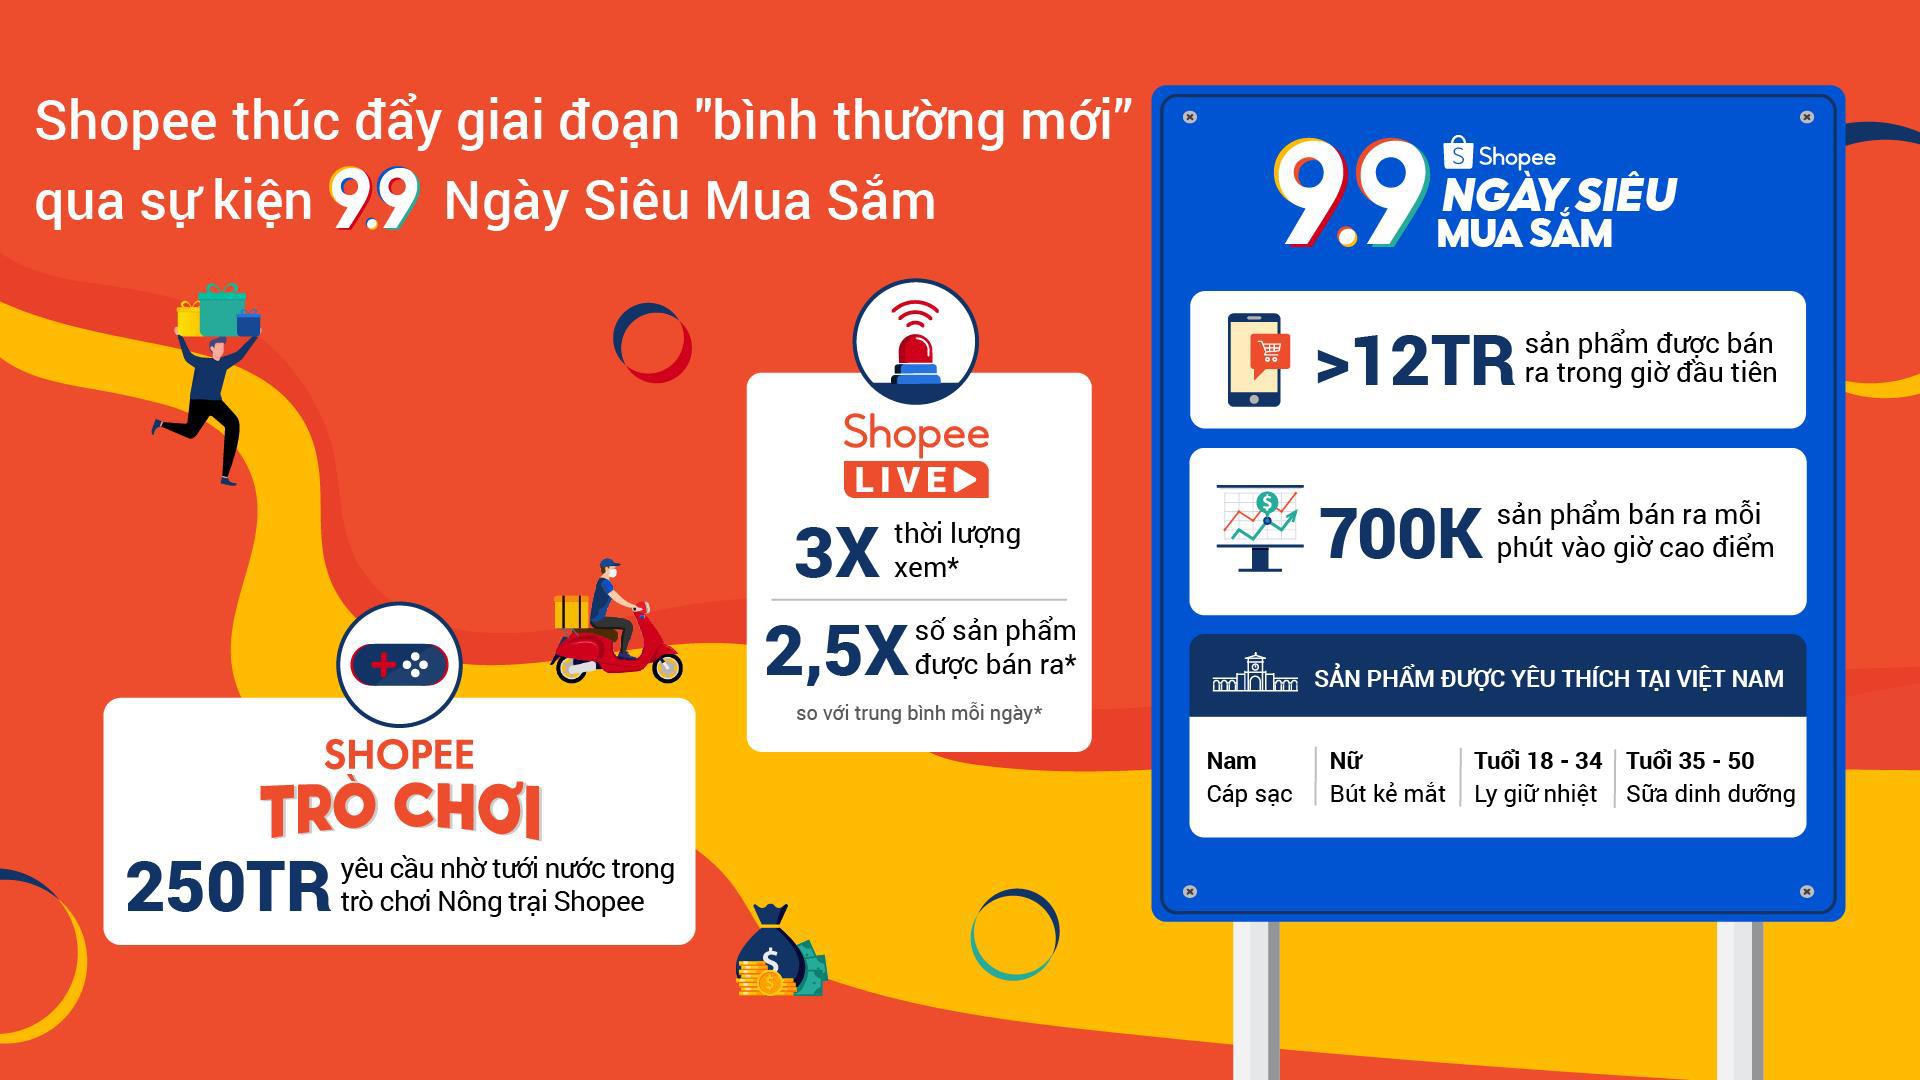 Hơn 12 triệu mặt hàng được bán ra trong 1 giờ đầu tiên tại Shopee 9.9 Ngày siêu mua sắm - Ảnh 1.